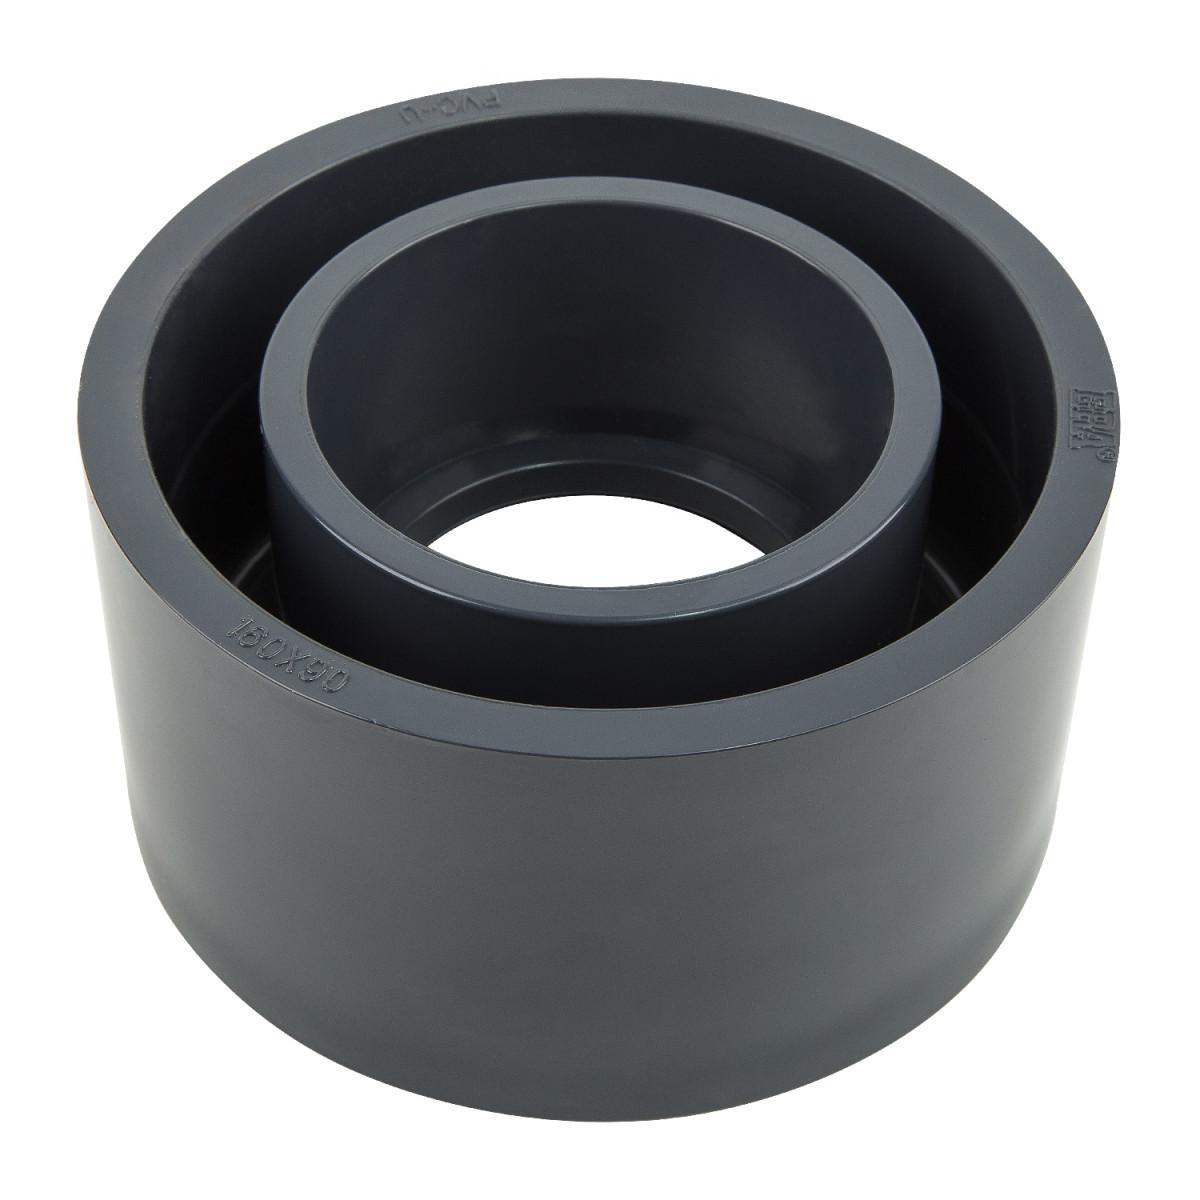 Редукционное кольцо ПВХ ERA 250х160 мм.